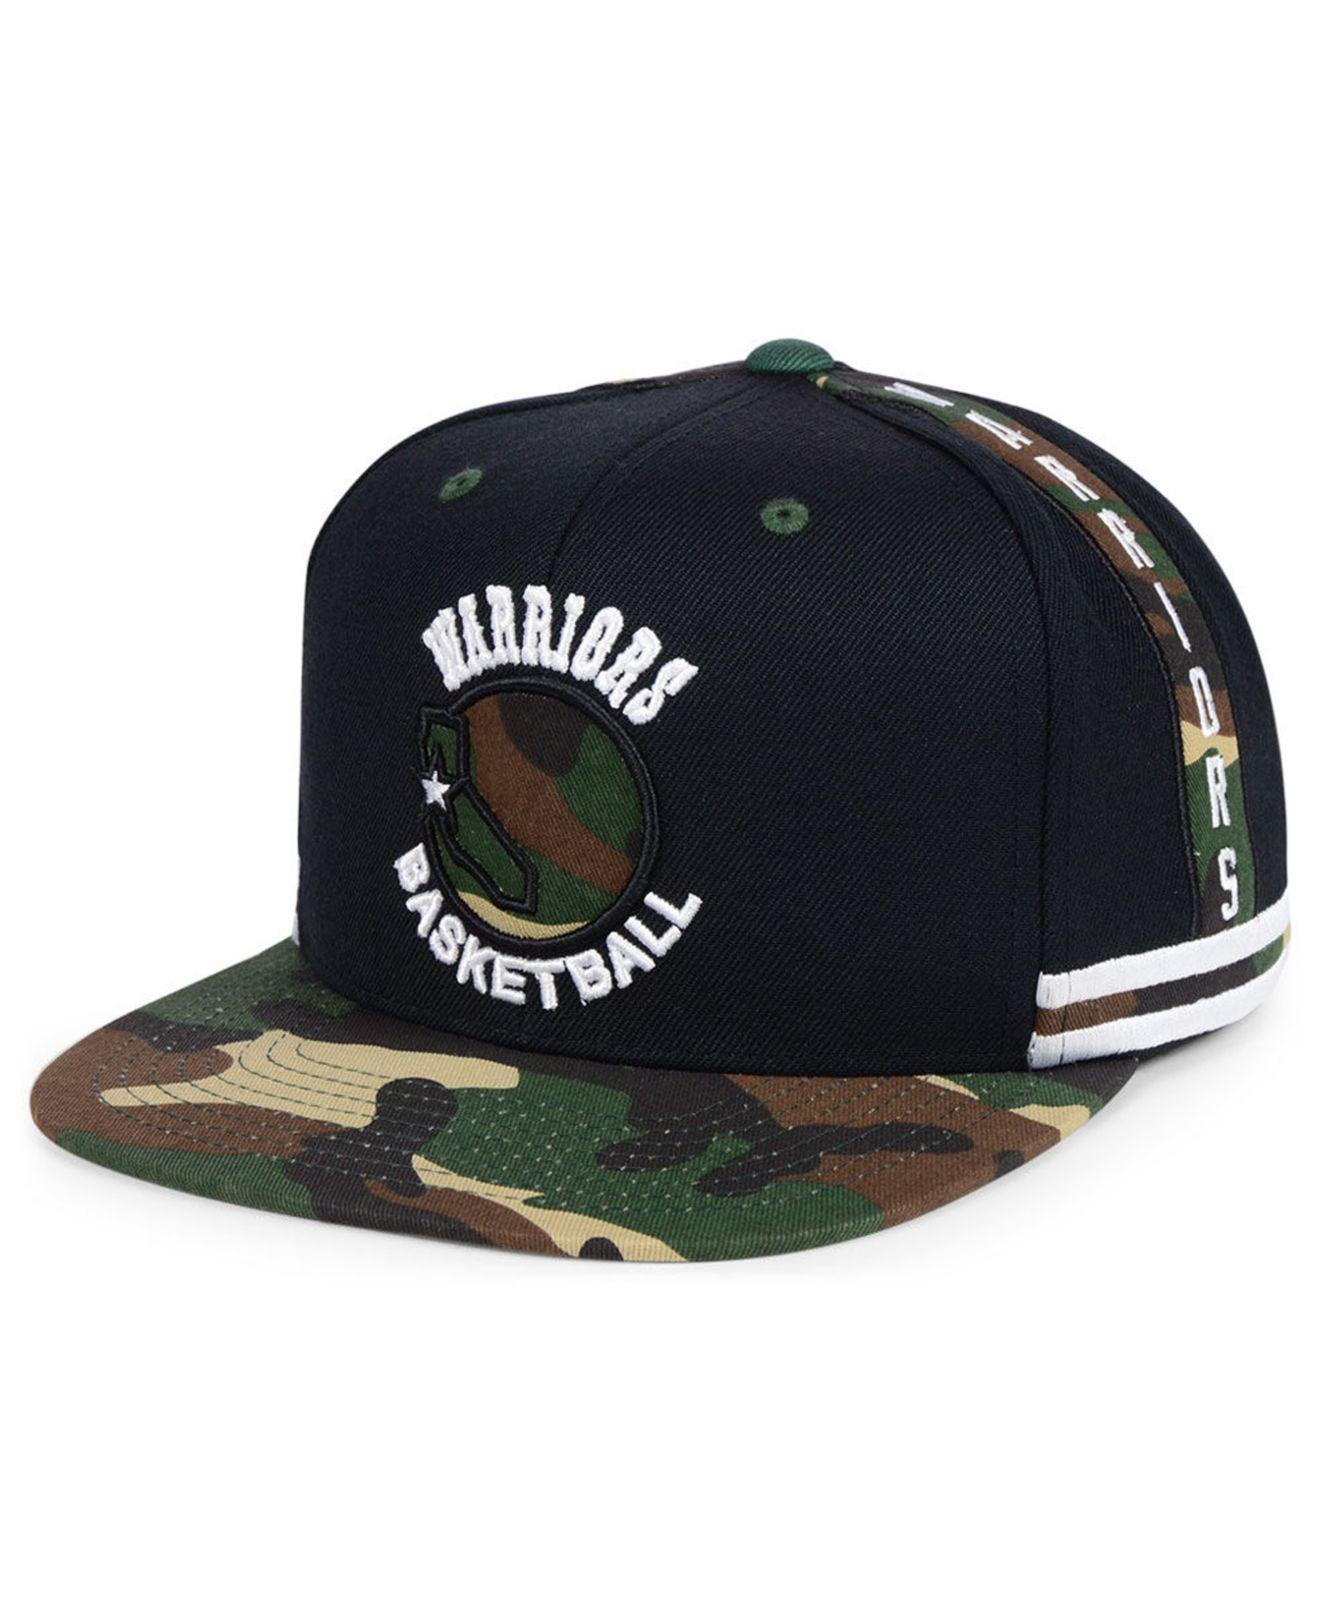 9c640d649a1 Mitchell   Ness. Men s Black Golden State Warriors Straight Fire Camo Hook  Snapback Cap